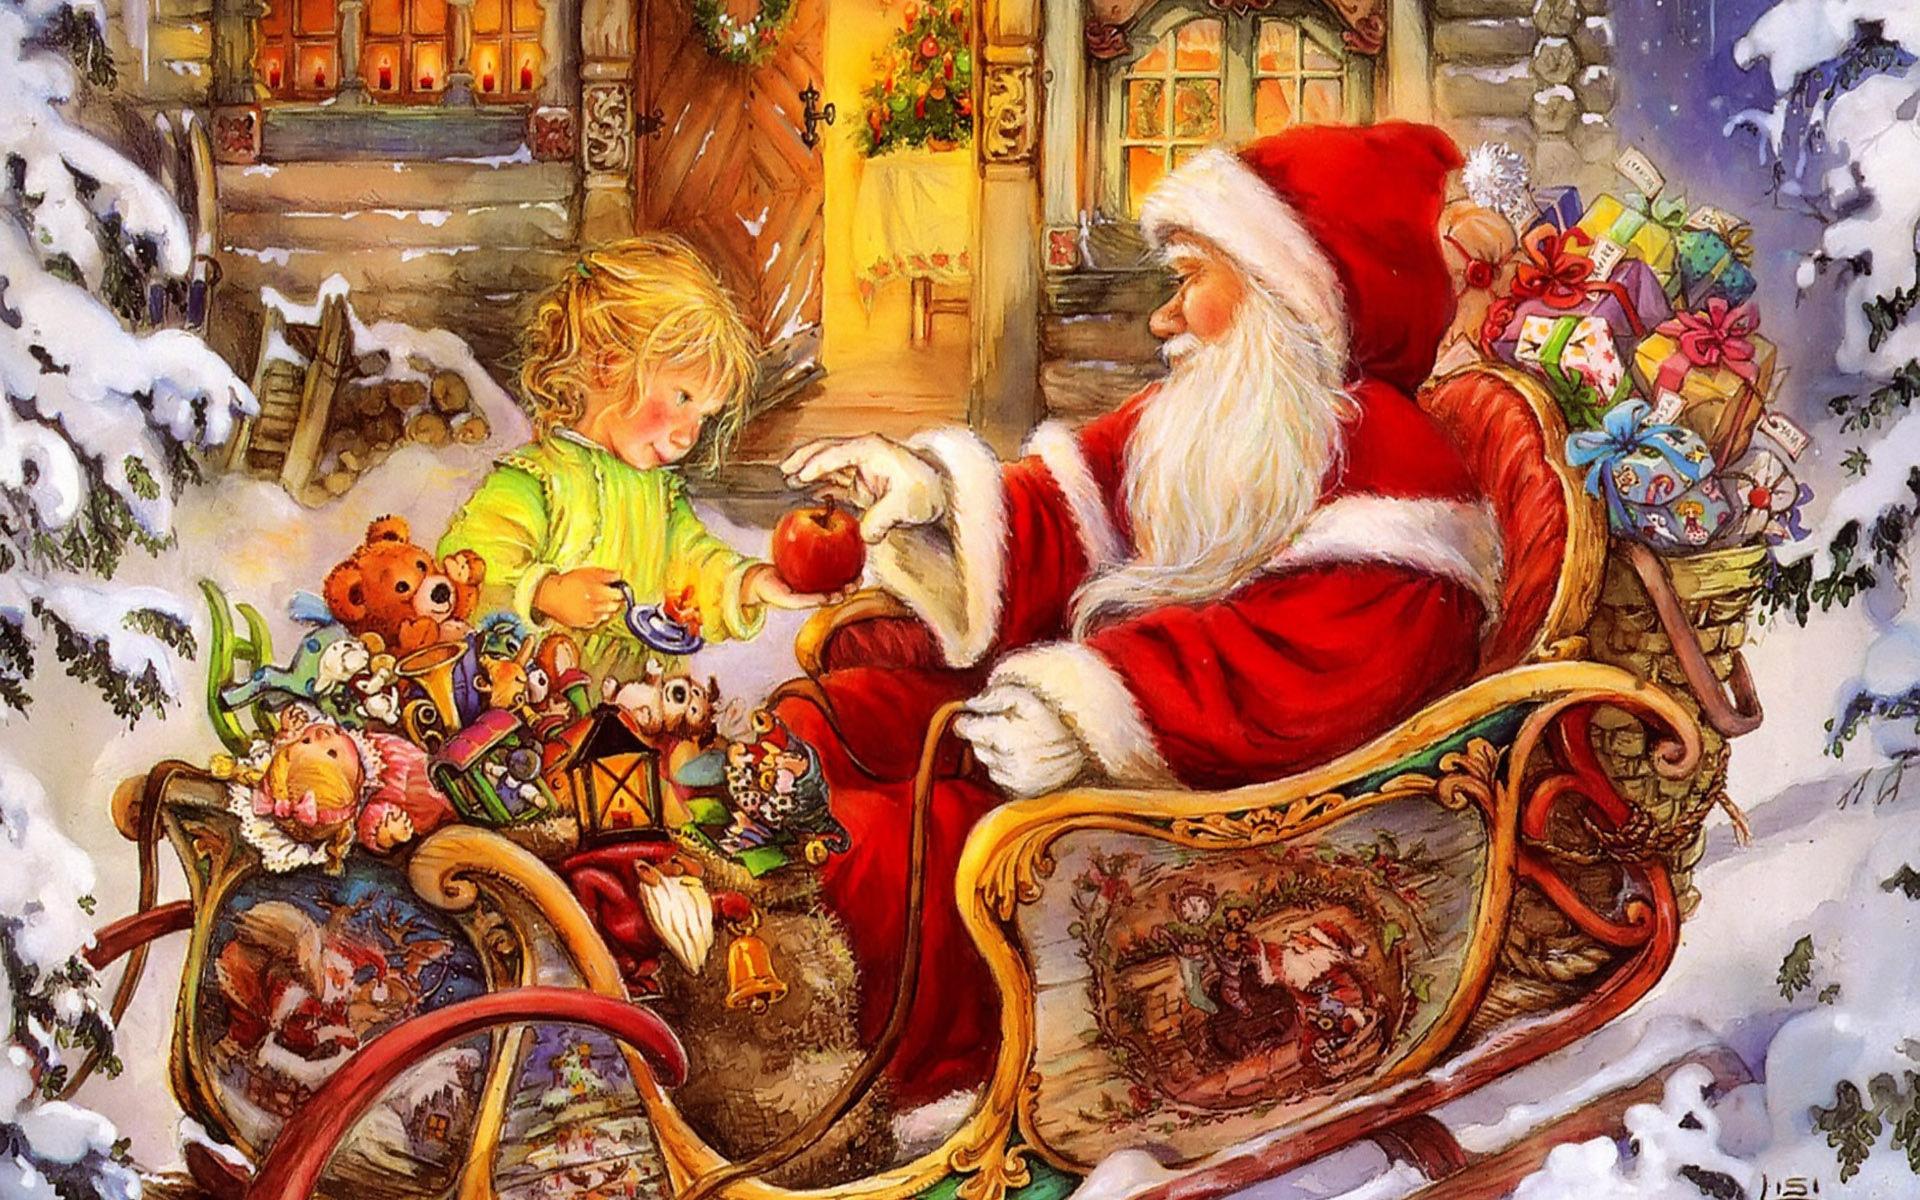 Новогодний праздник картинки для детей, нервничай пустякам